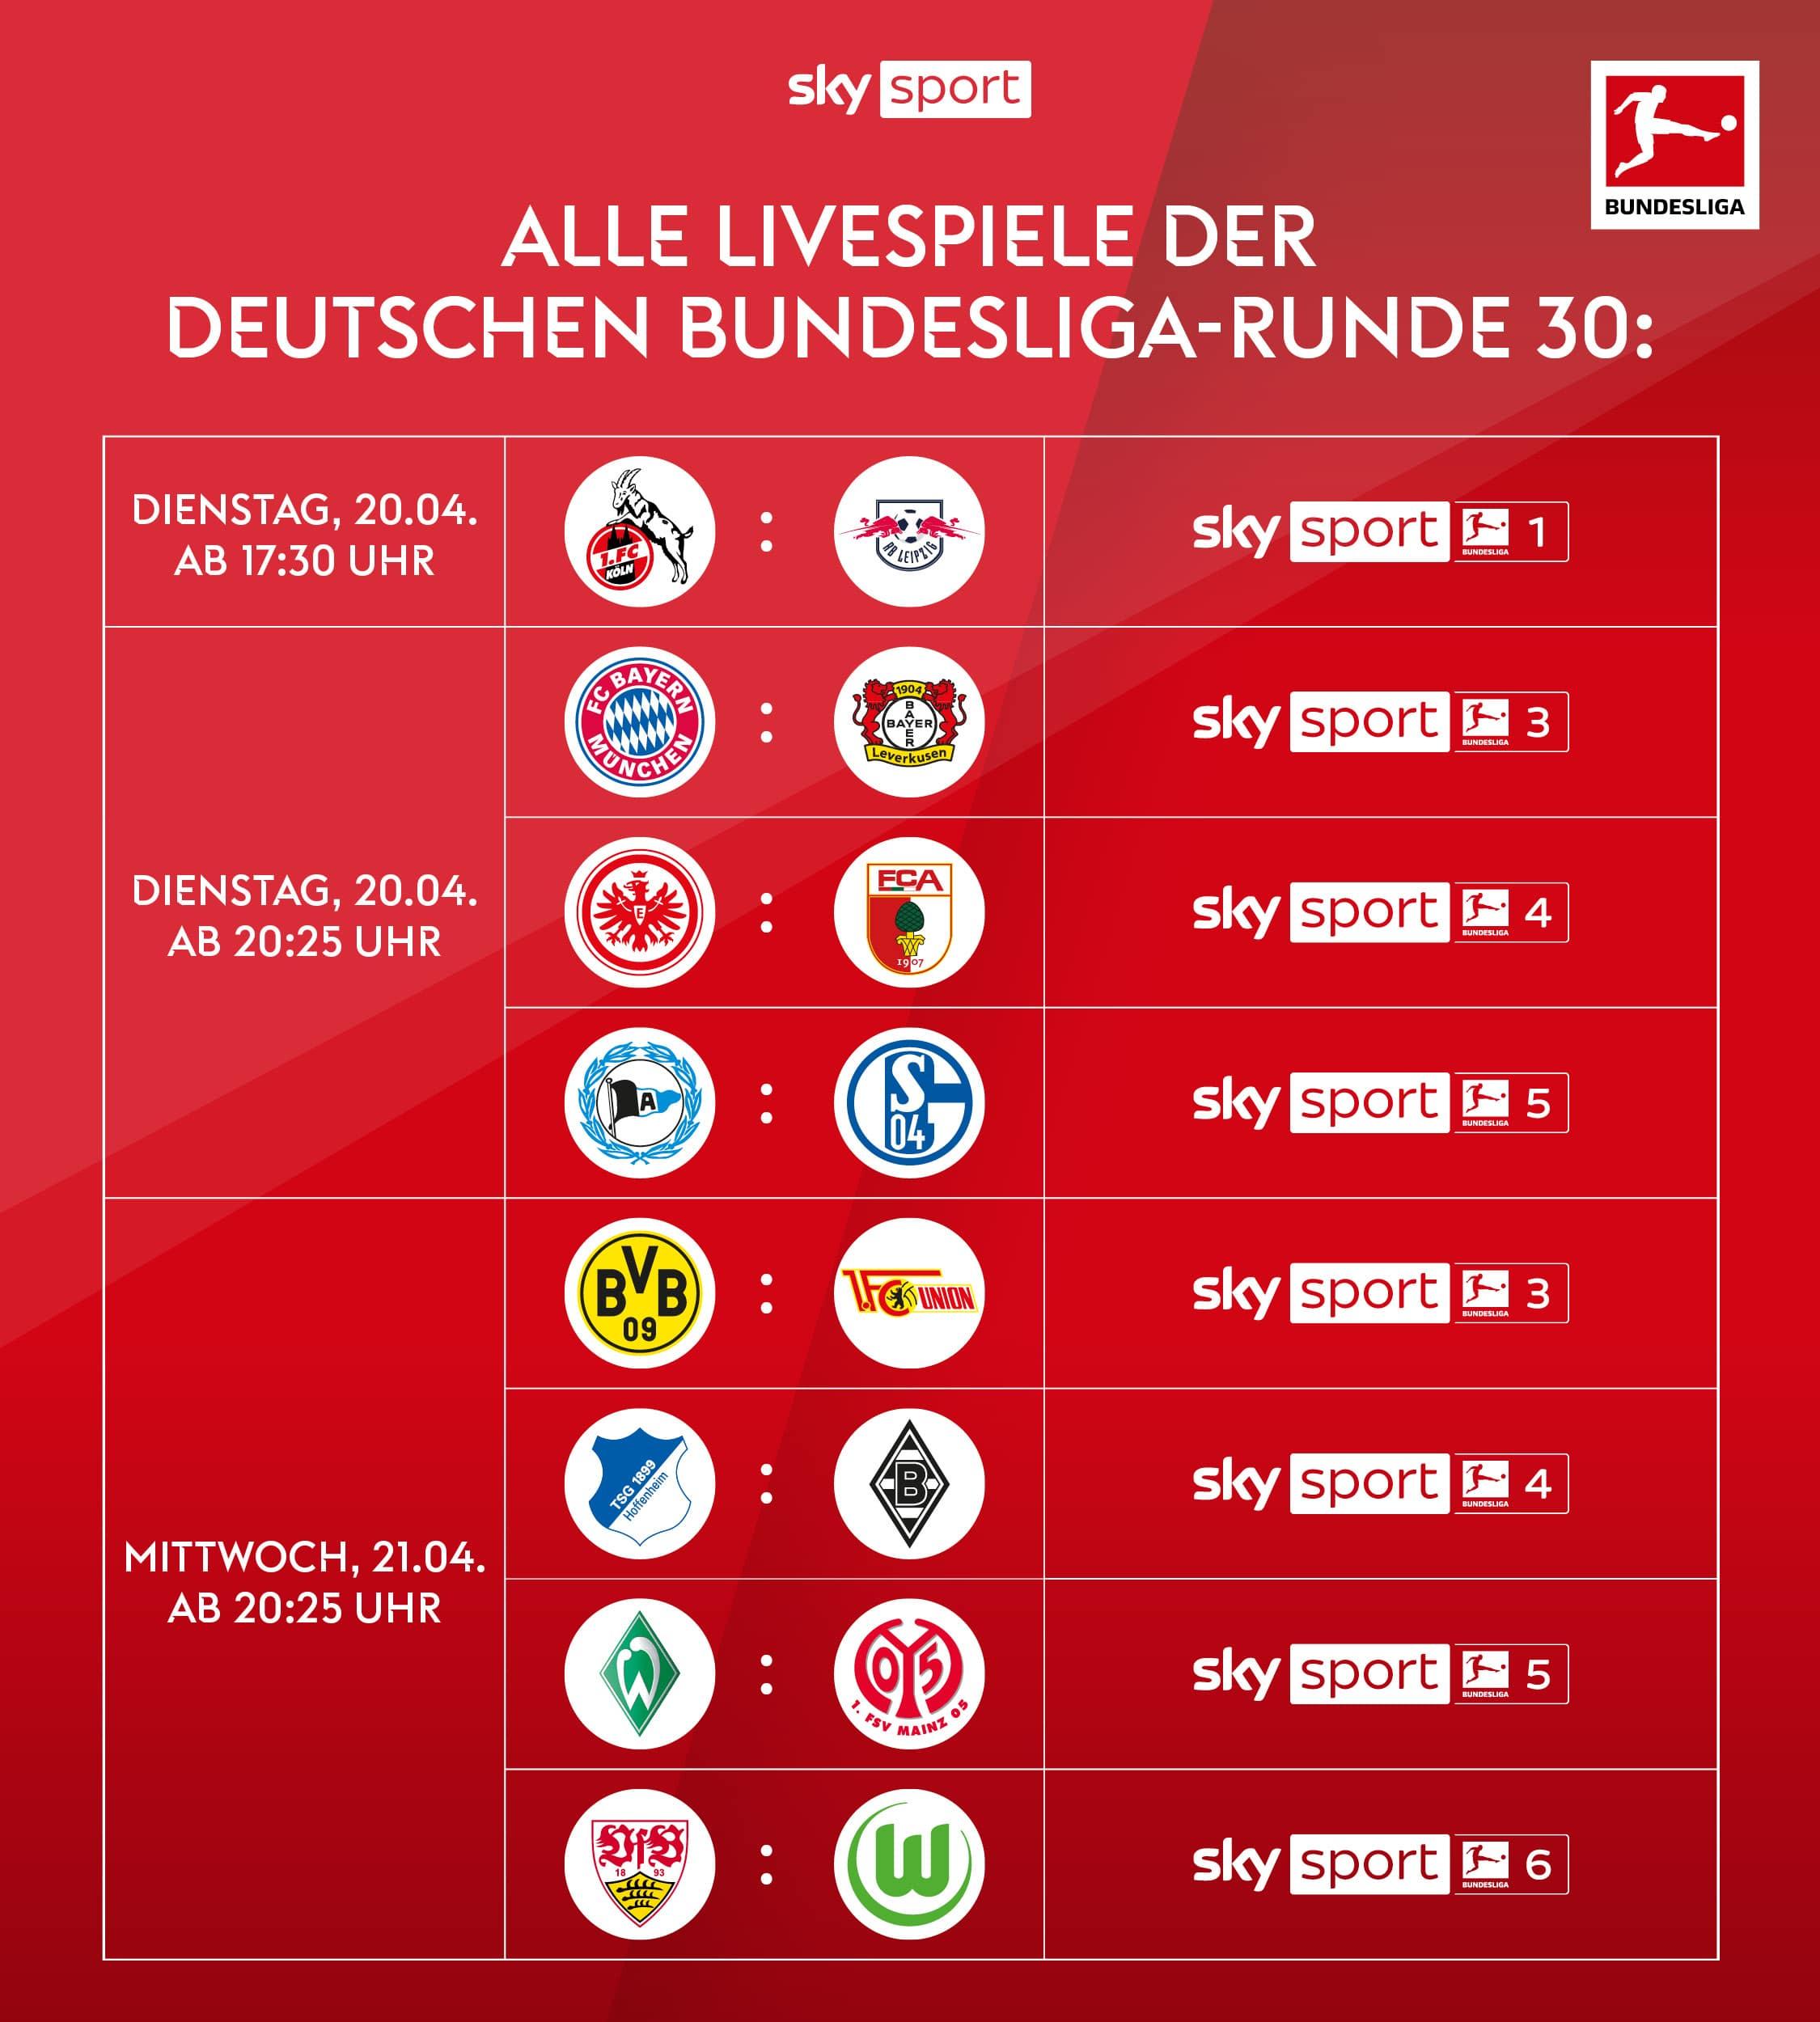 Die Deutsche Bundesliga live streamen mit Sky X